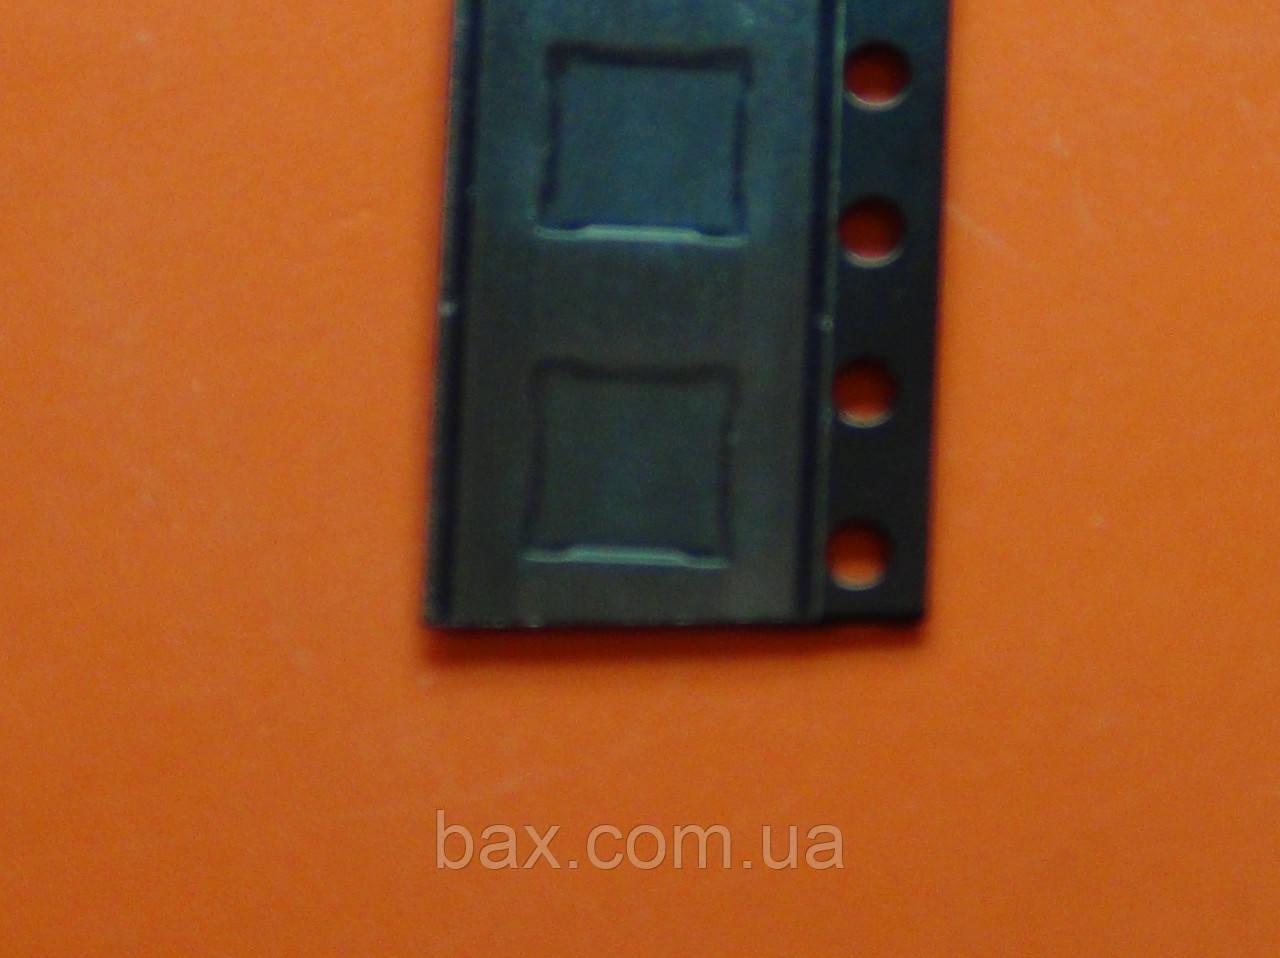 Микросхема контроллер питания WCN3615 Новый в упаковке